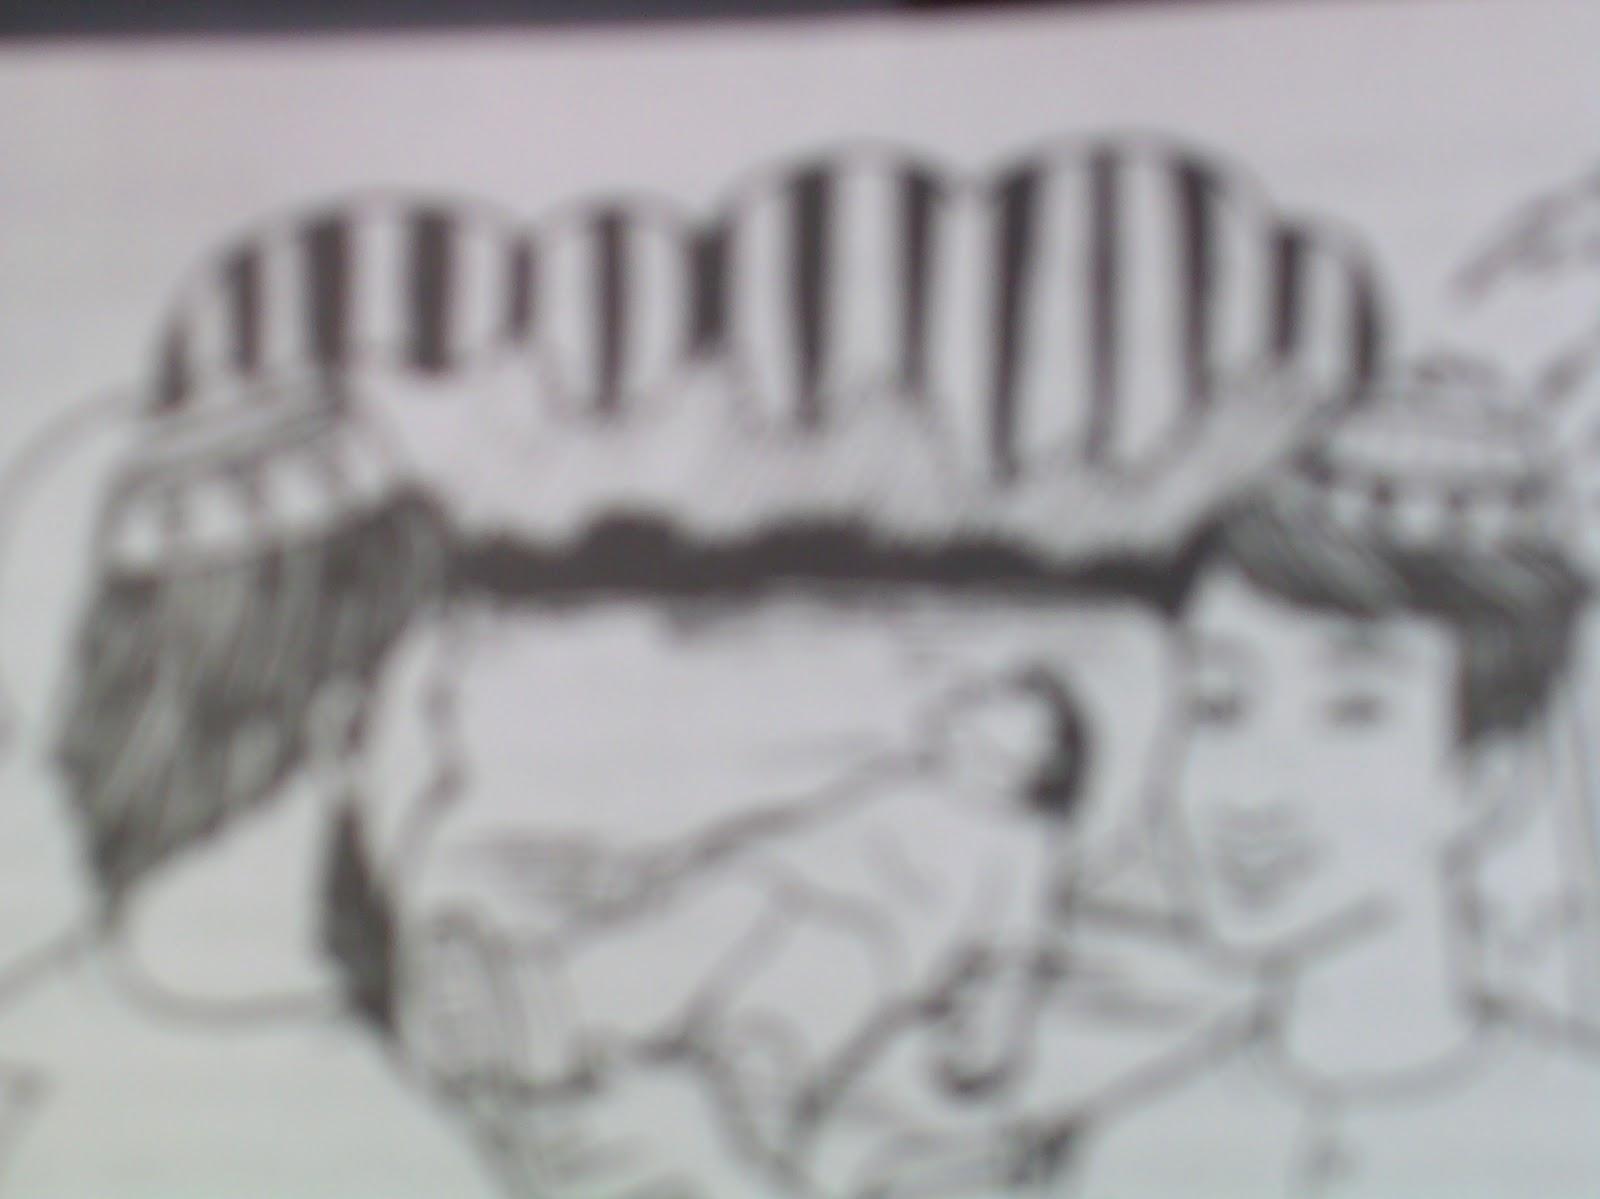 maikling buod ng tigre tigre Results for ang matanda at ang dagat buod translation from english to tagalog  ang matanda at ang dagat buod ng buong kwento  si pilandok at tigre kwento.